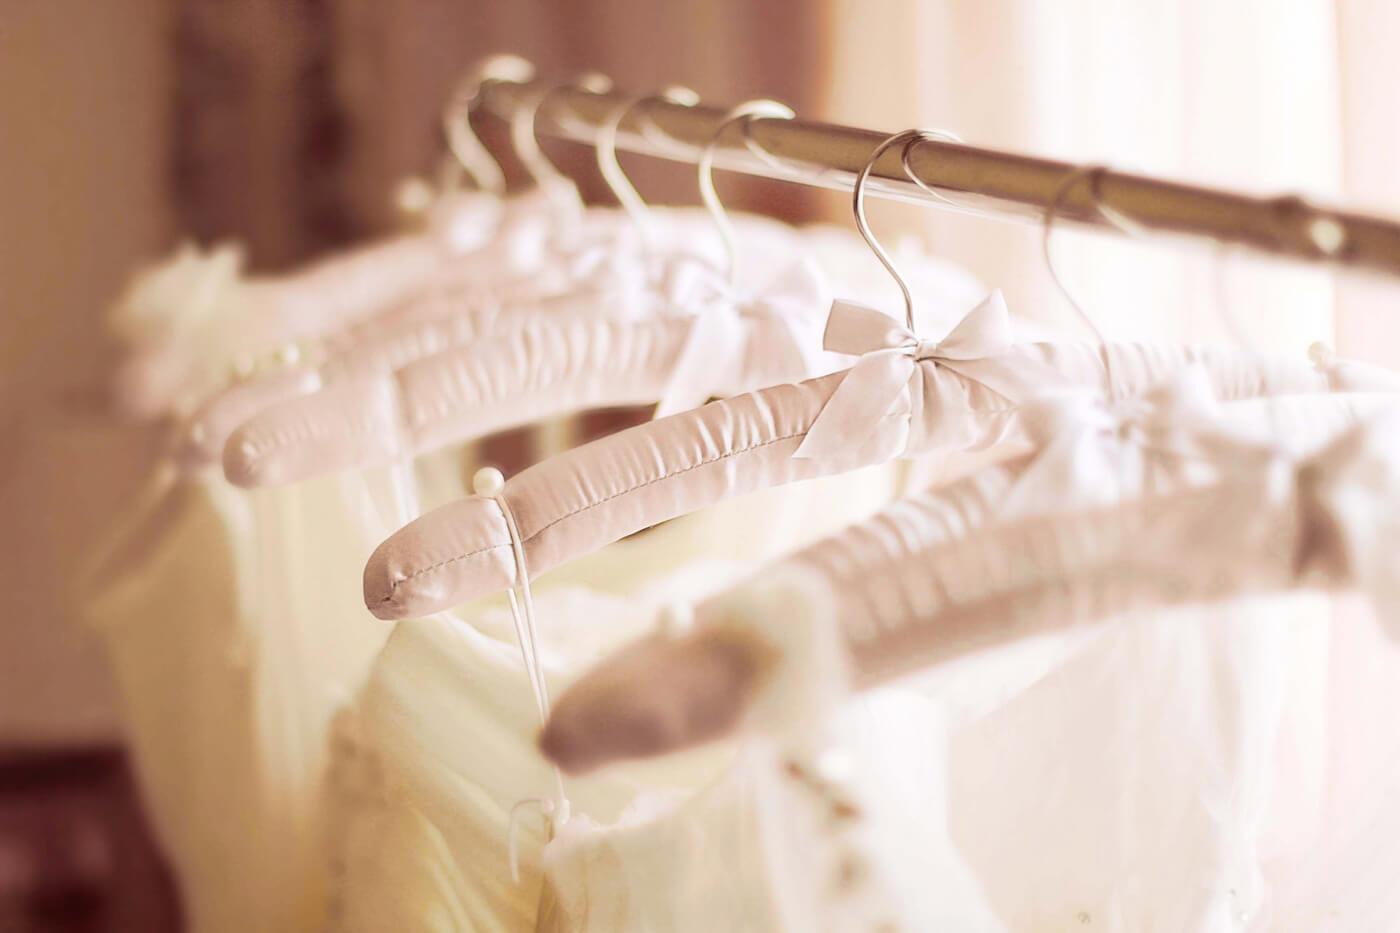 Brautkleider günstig kaufen – 4 einfache & praktische Spartipps